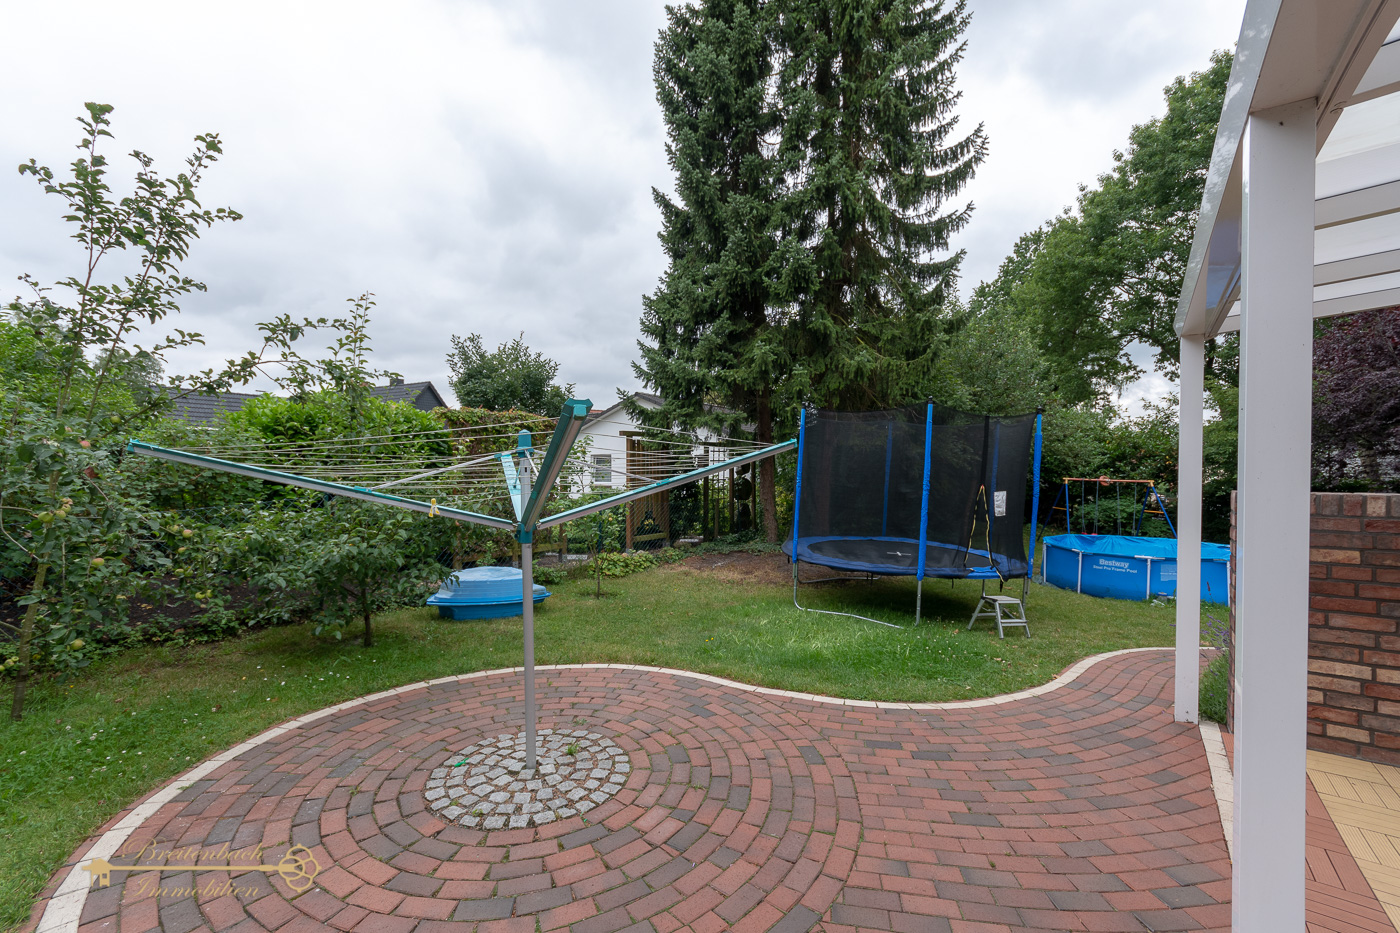 2019-07-14-Breitenbach-Immobilien-Archiv-15